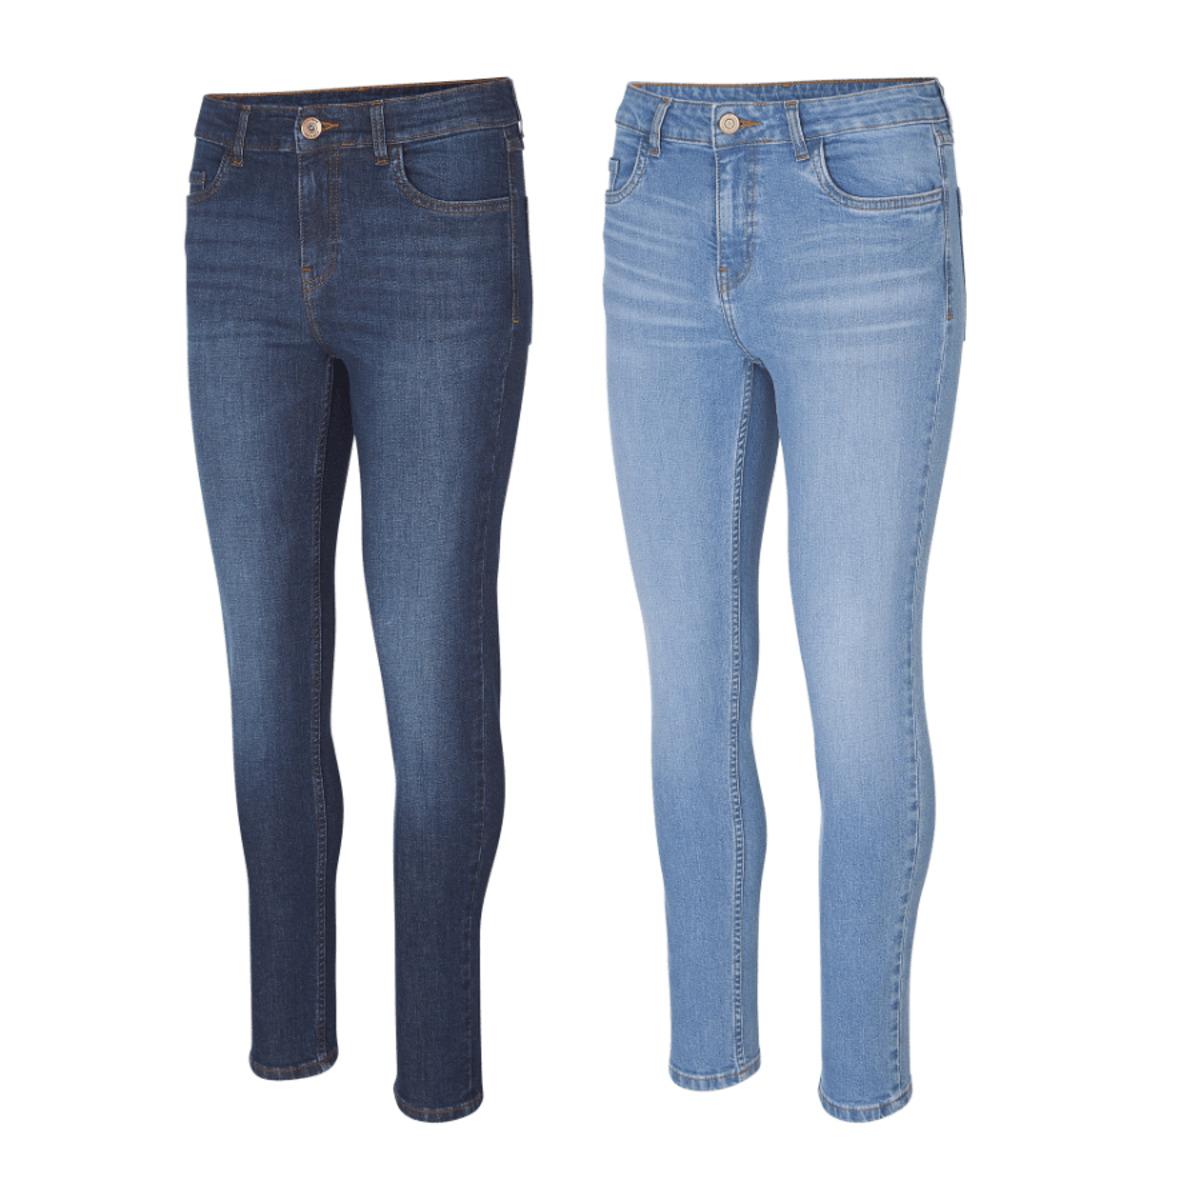 Bild 1 von UP2FASHION     Jeans, laser finished